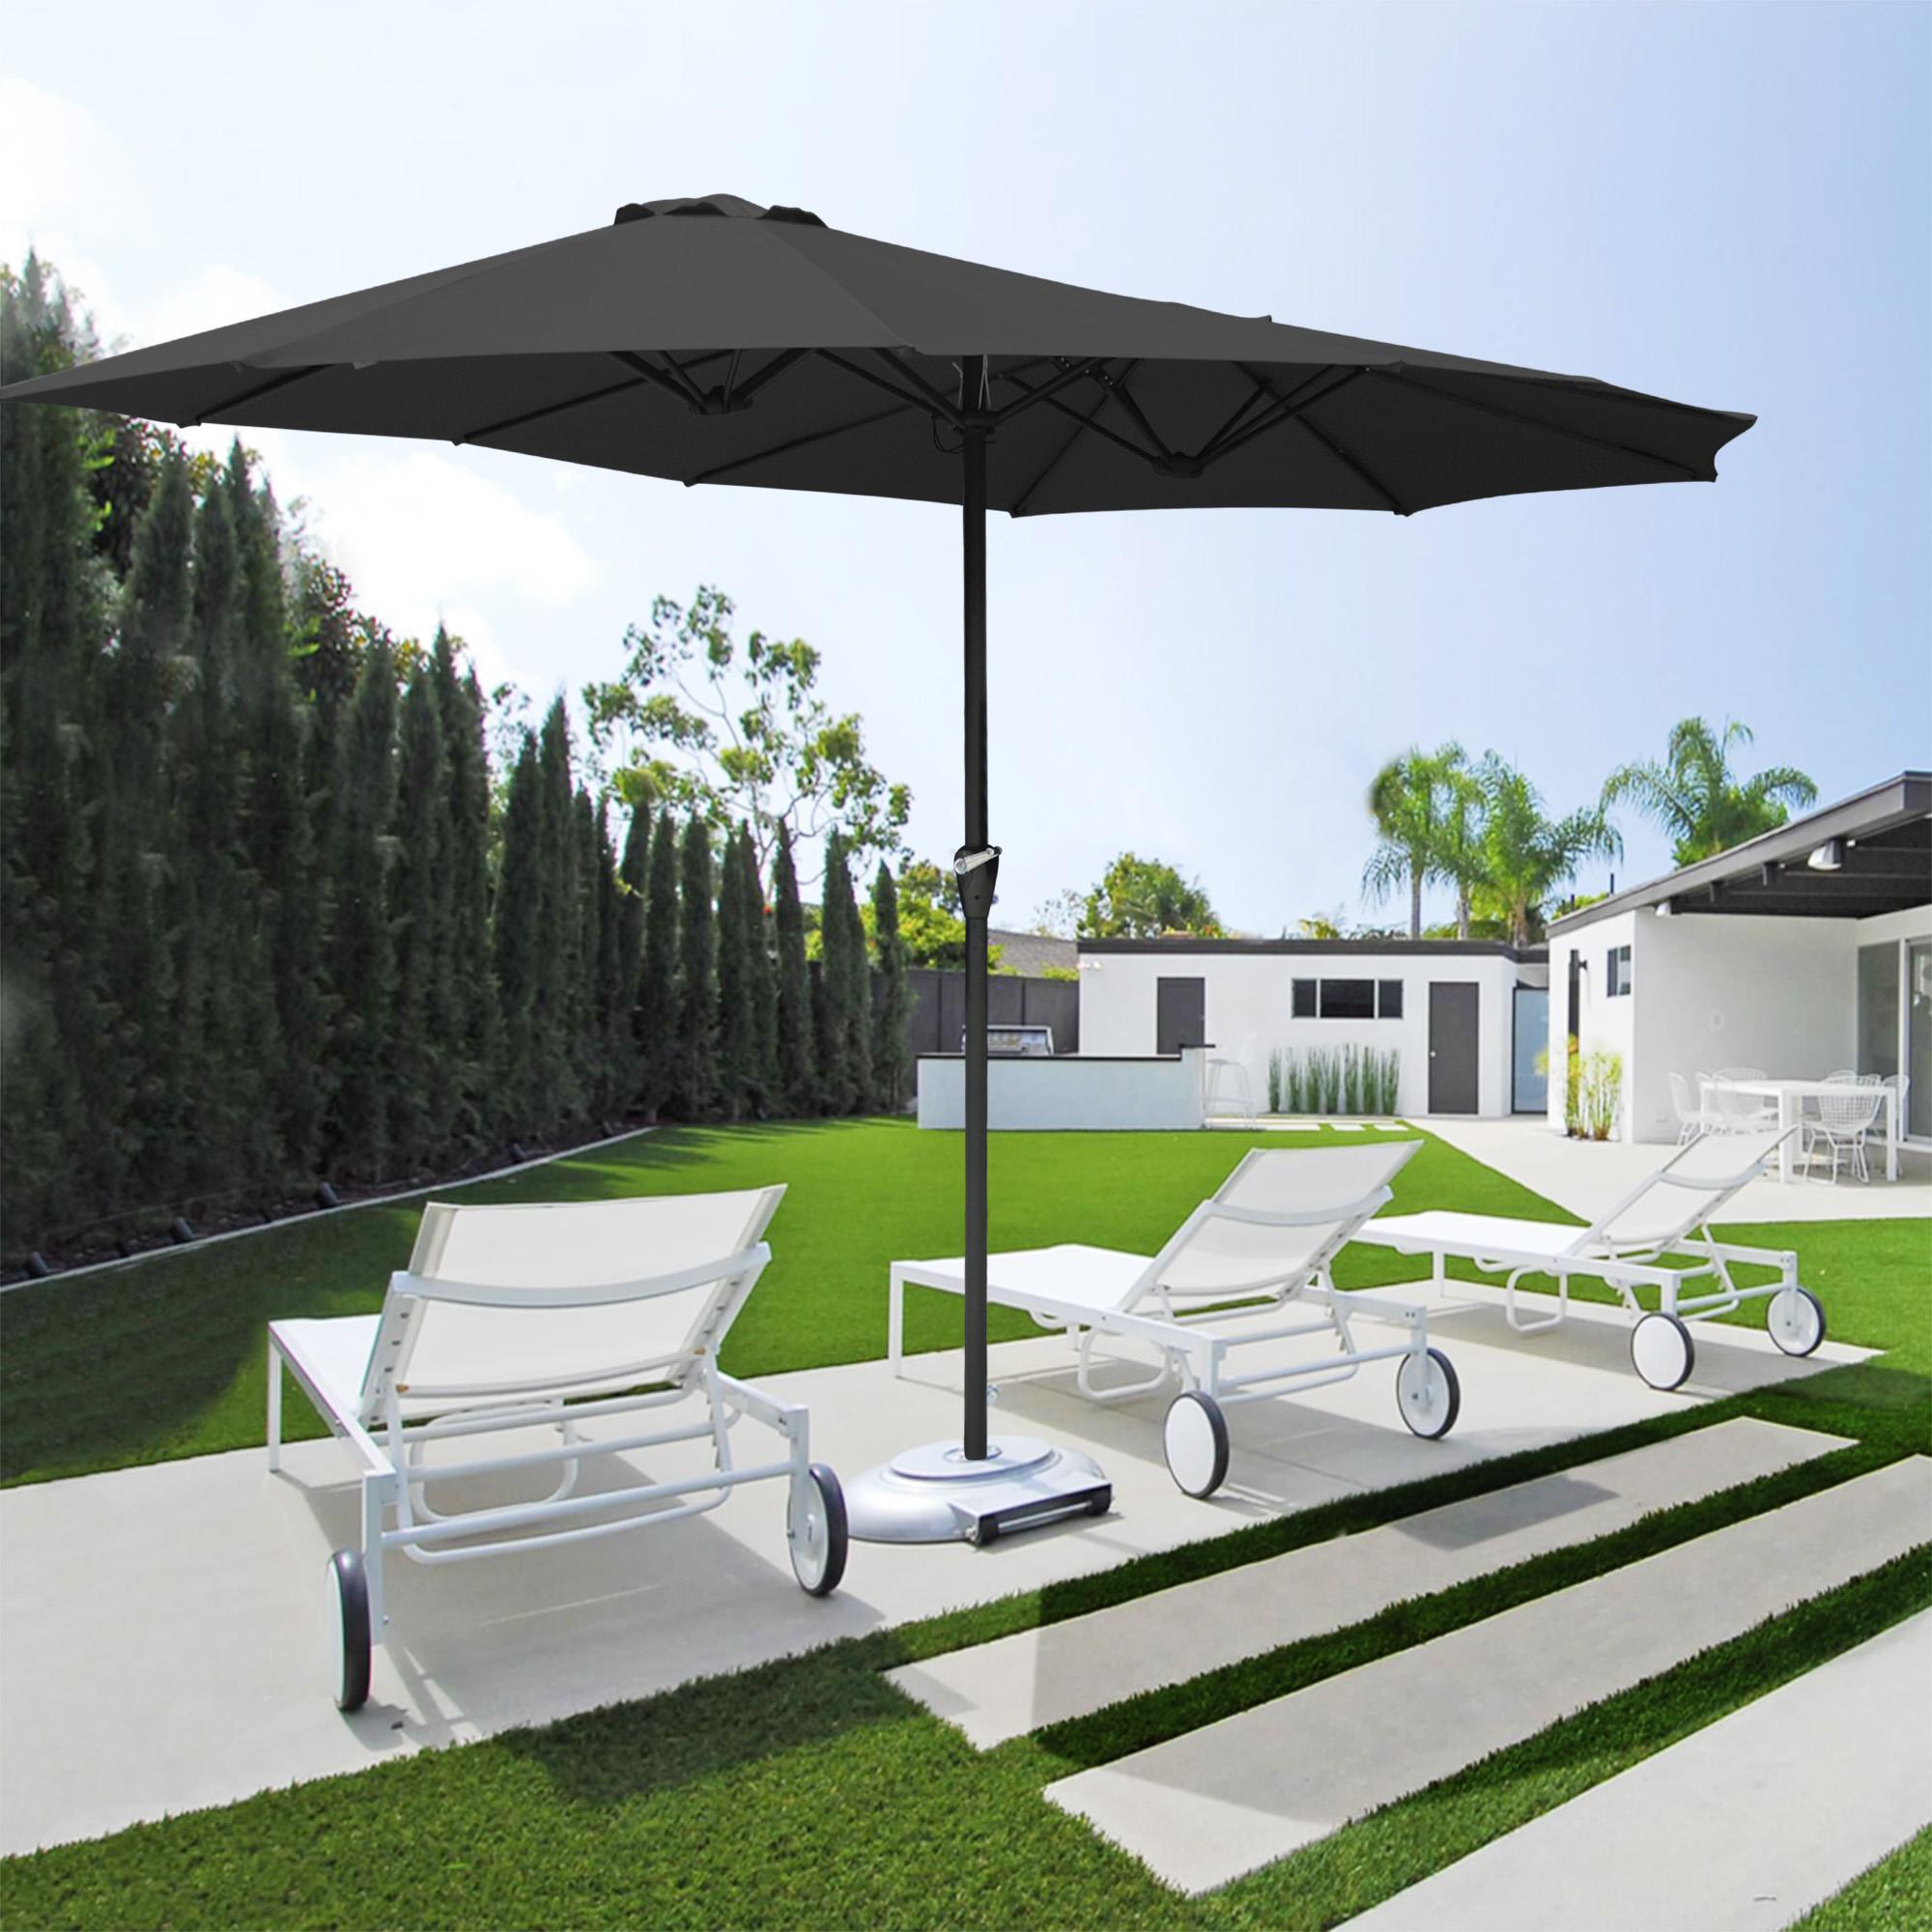 thumbnail 15 - 15ft Patio Twin Umbrella Double-sided Market Crank Outdoor Garden Parasol Shade